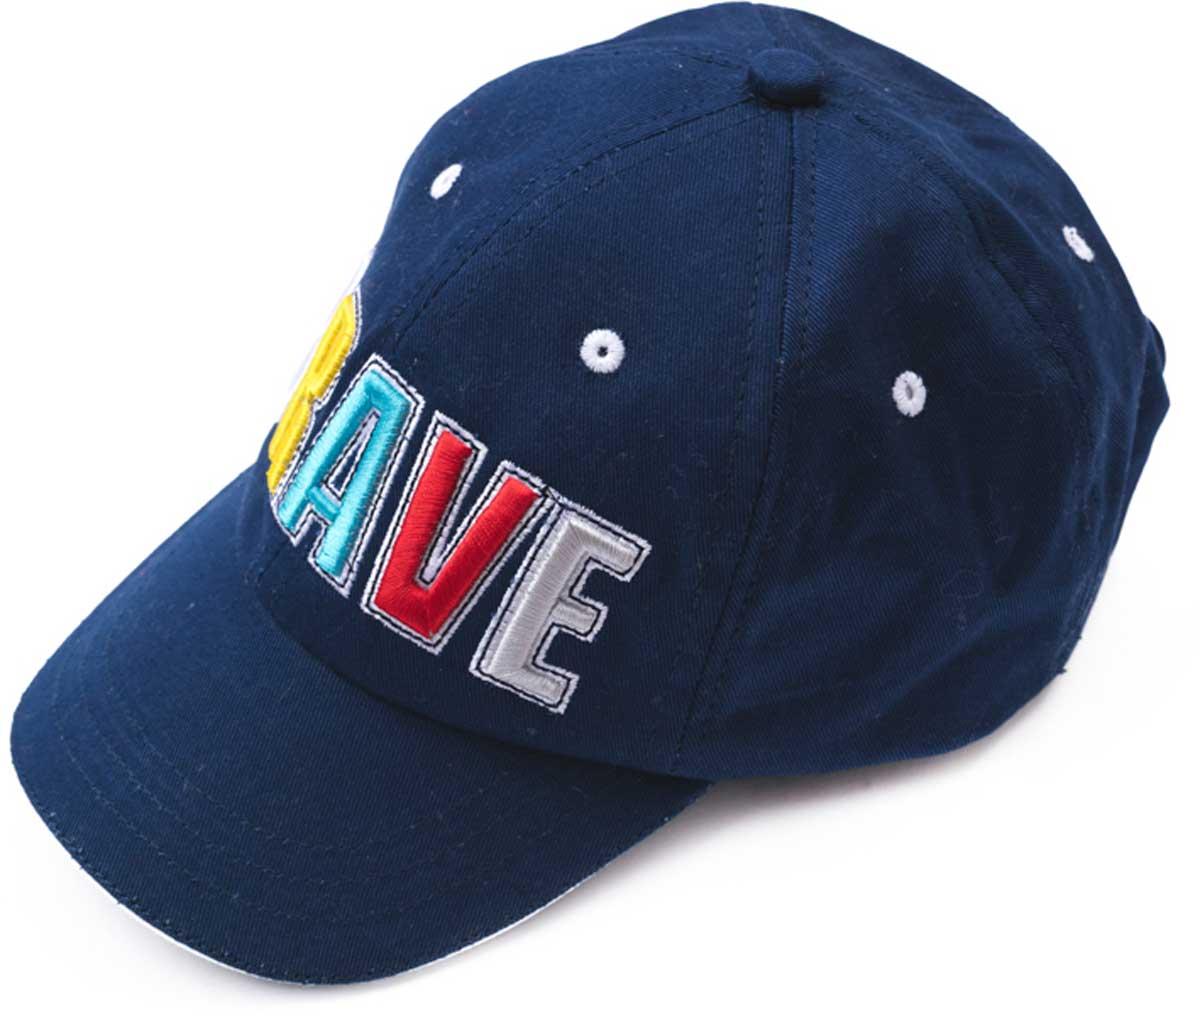 Бейсболка171082Модная кепка - бейсболка из натуральной джинсы, как у взрослых, понравится вашему ребенку. Модель снабжена эффектной аппликацией